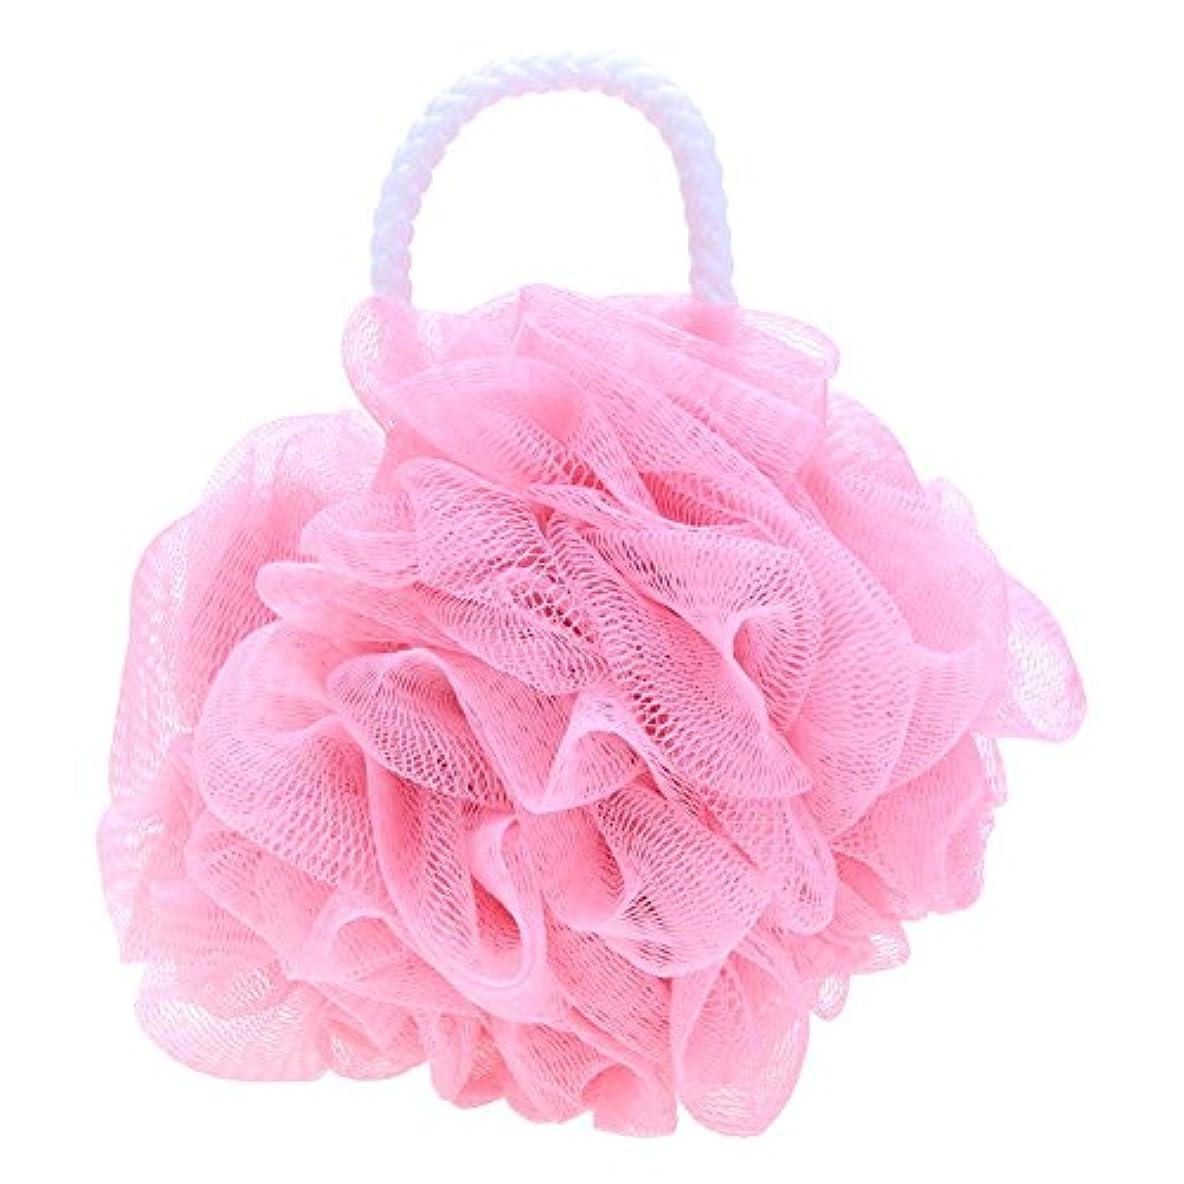 乗り出すスーパーマーケット寮Demiawaking 泡立てネットフラワーボール 泡ボール 柔らかい ボディ洗い お風呂用 泡立ち ピンク